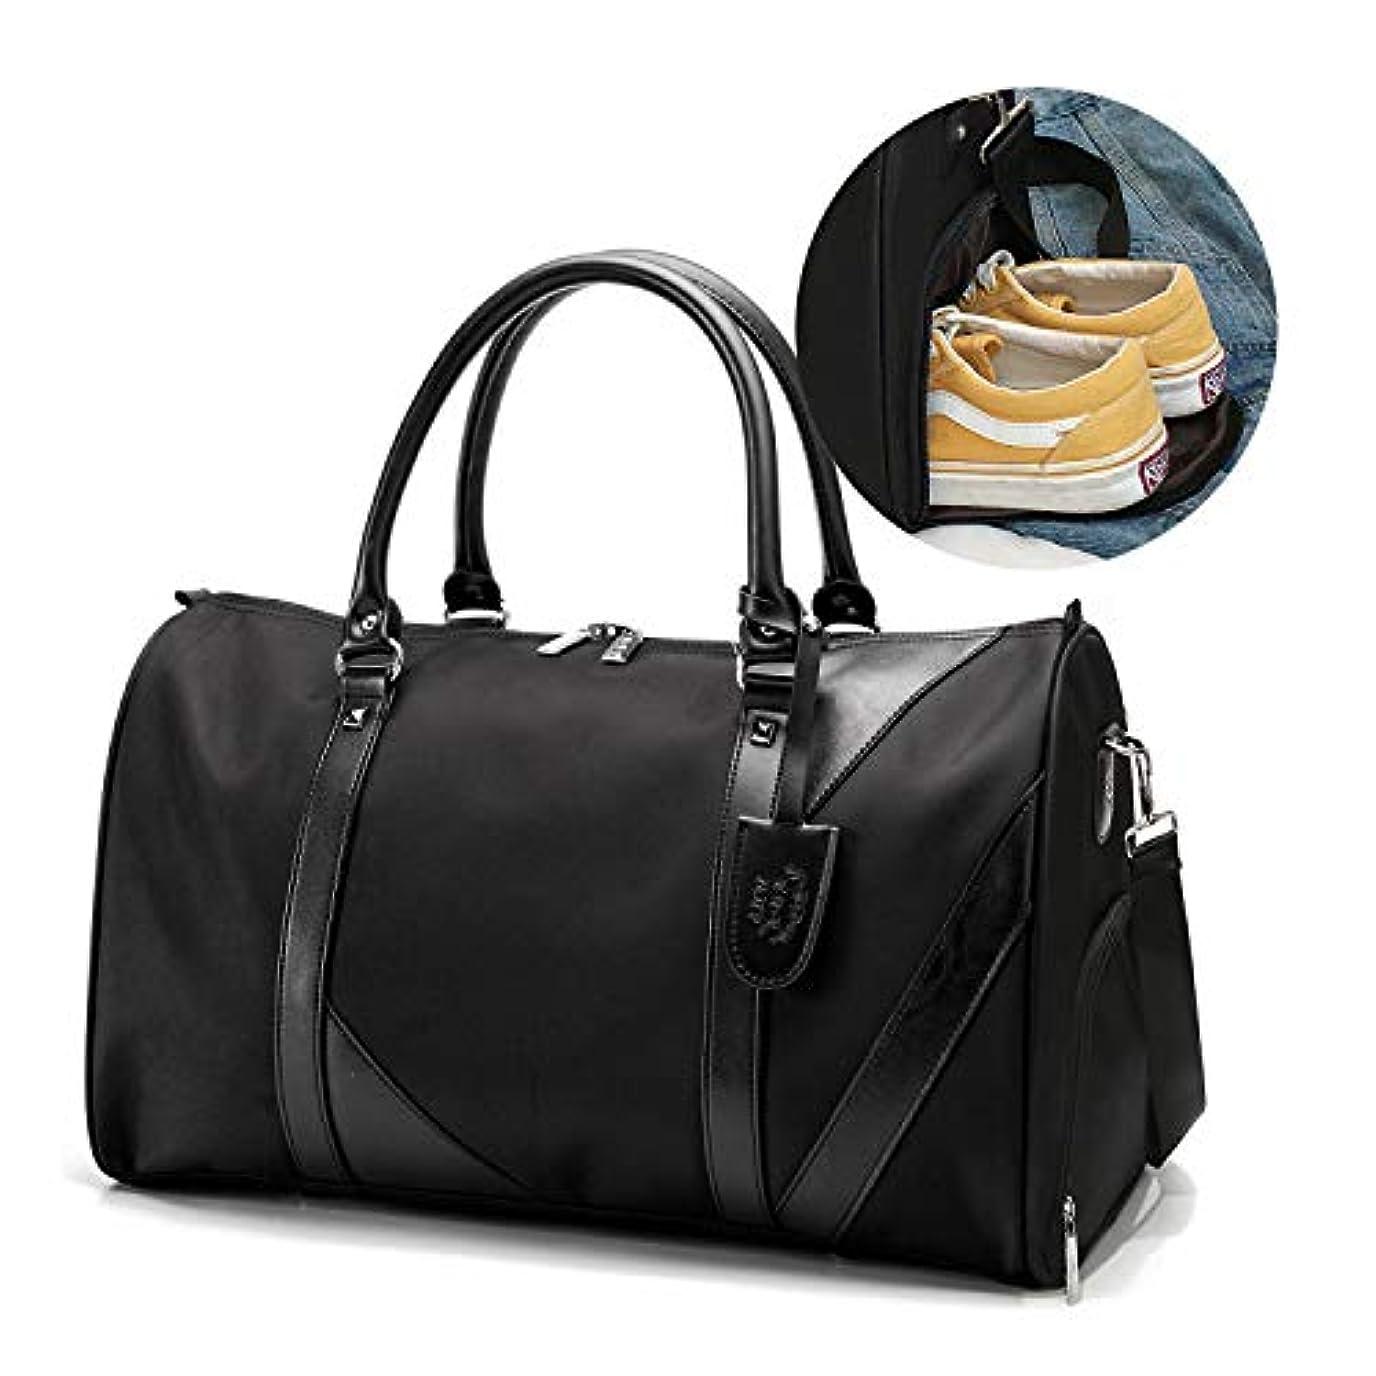 彼のメカニックジュース[TcIFE]ボストンバッグ レディース メンズ スポーツダッフルバッグ ガーメントバッグ 大容量 修学 旅行トラベルバッグ シューズ収納バッグ